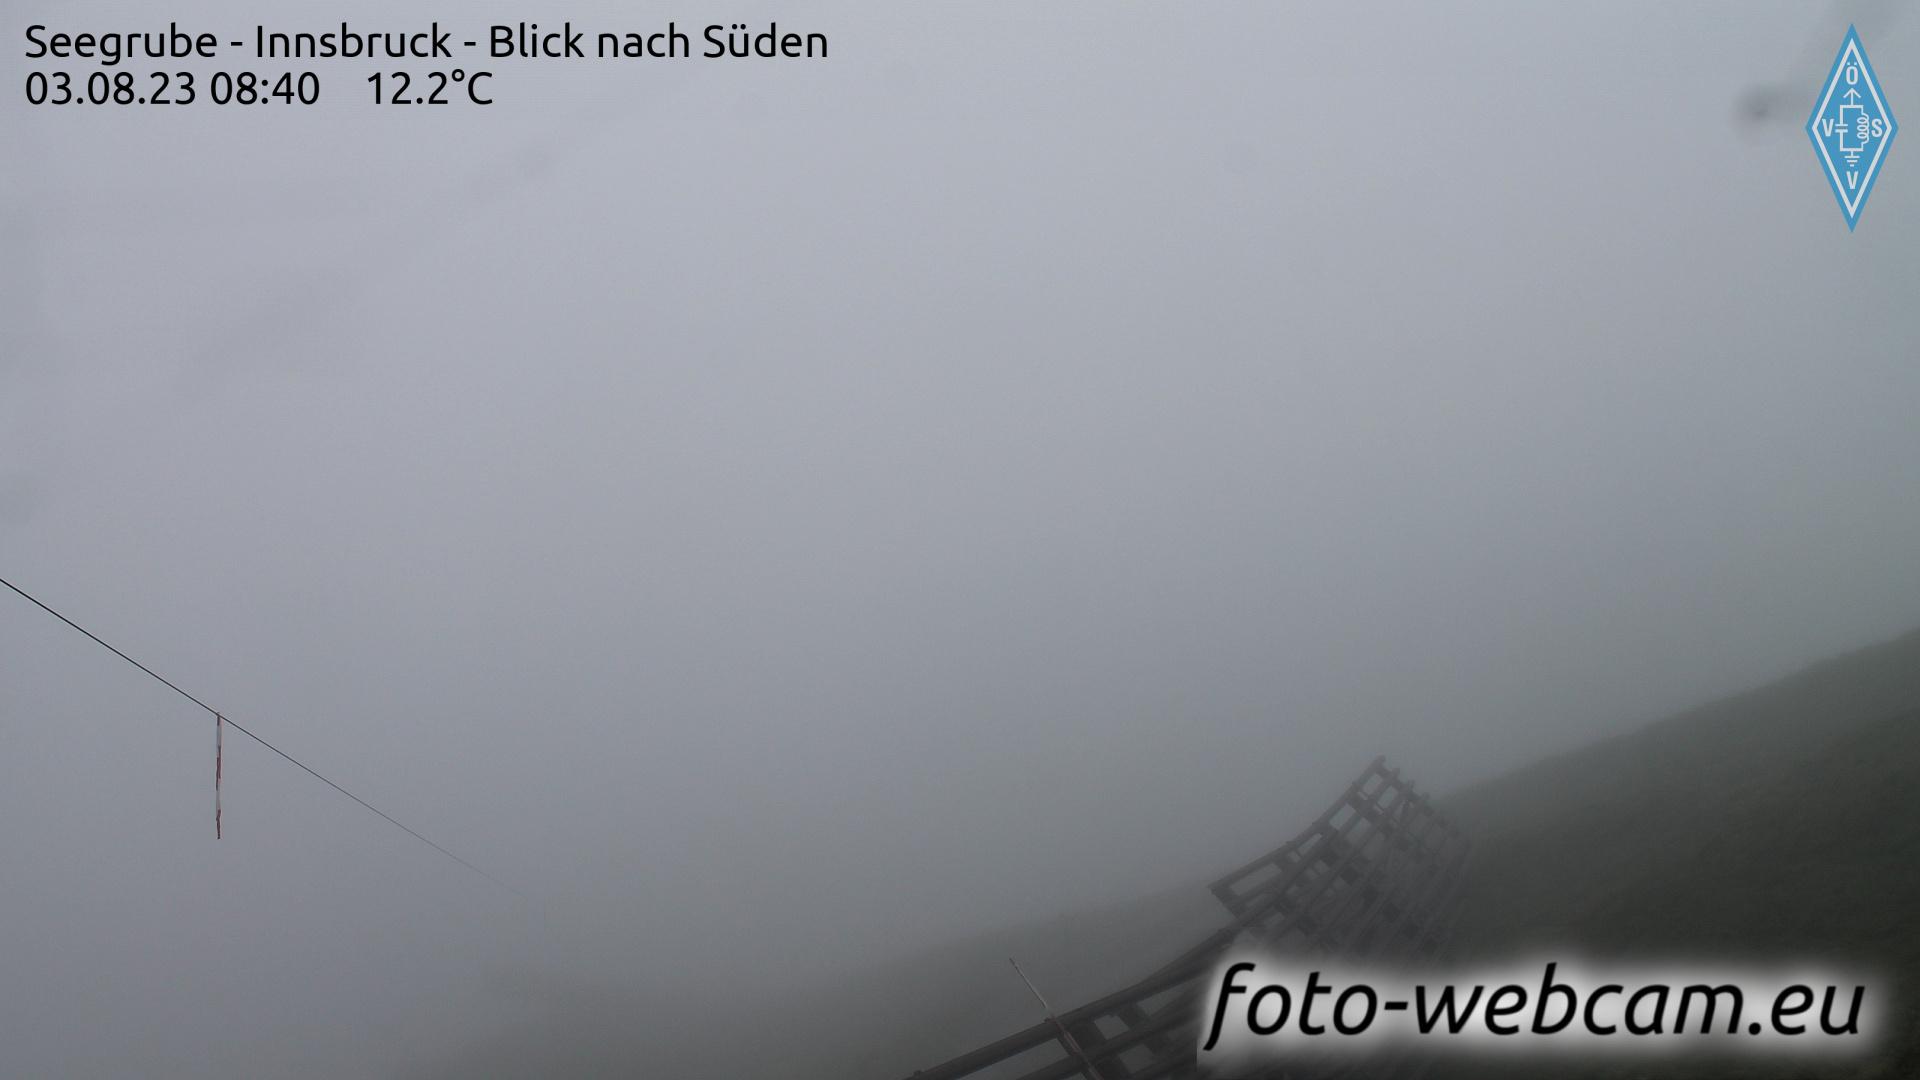 Innsbruck Thu. 08:18